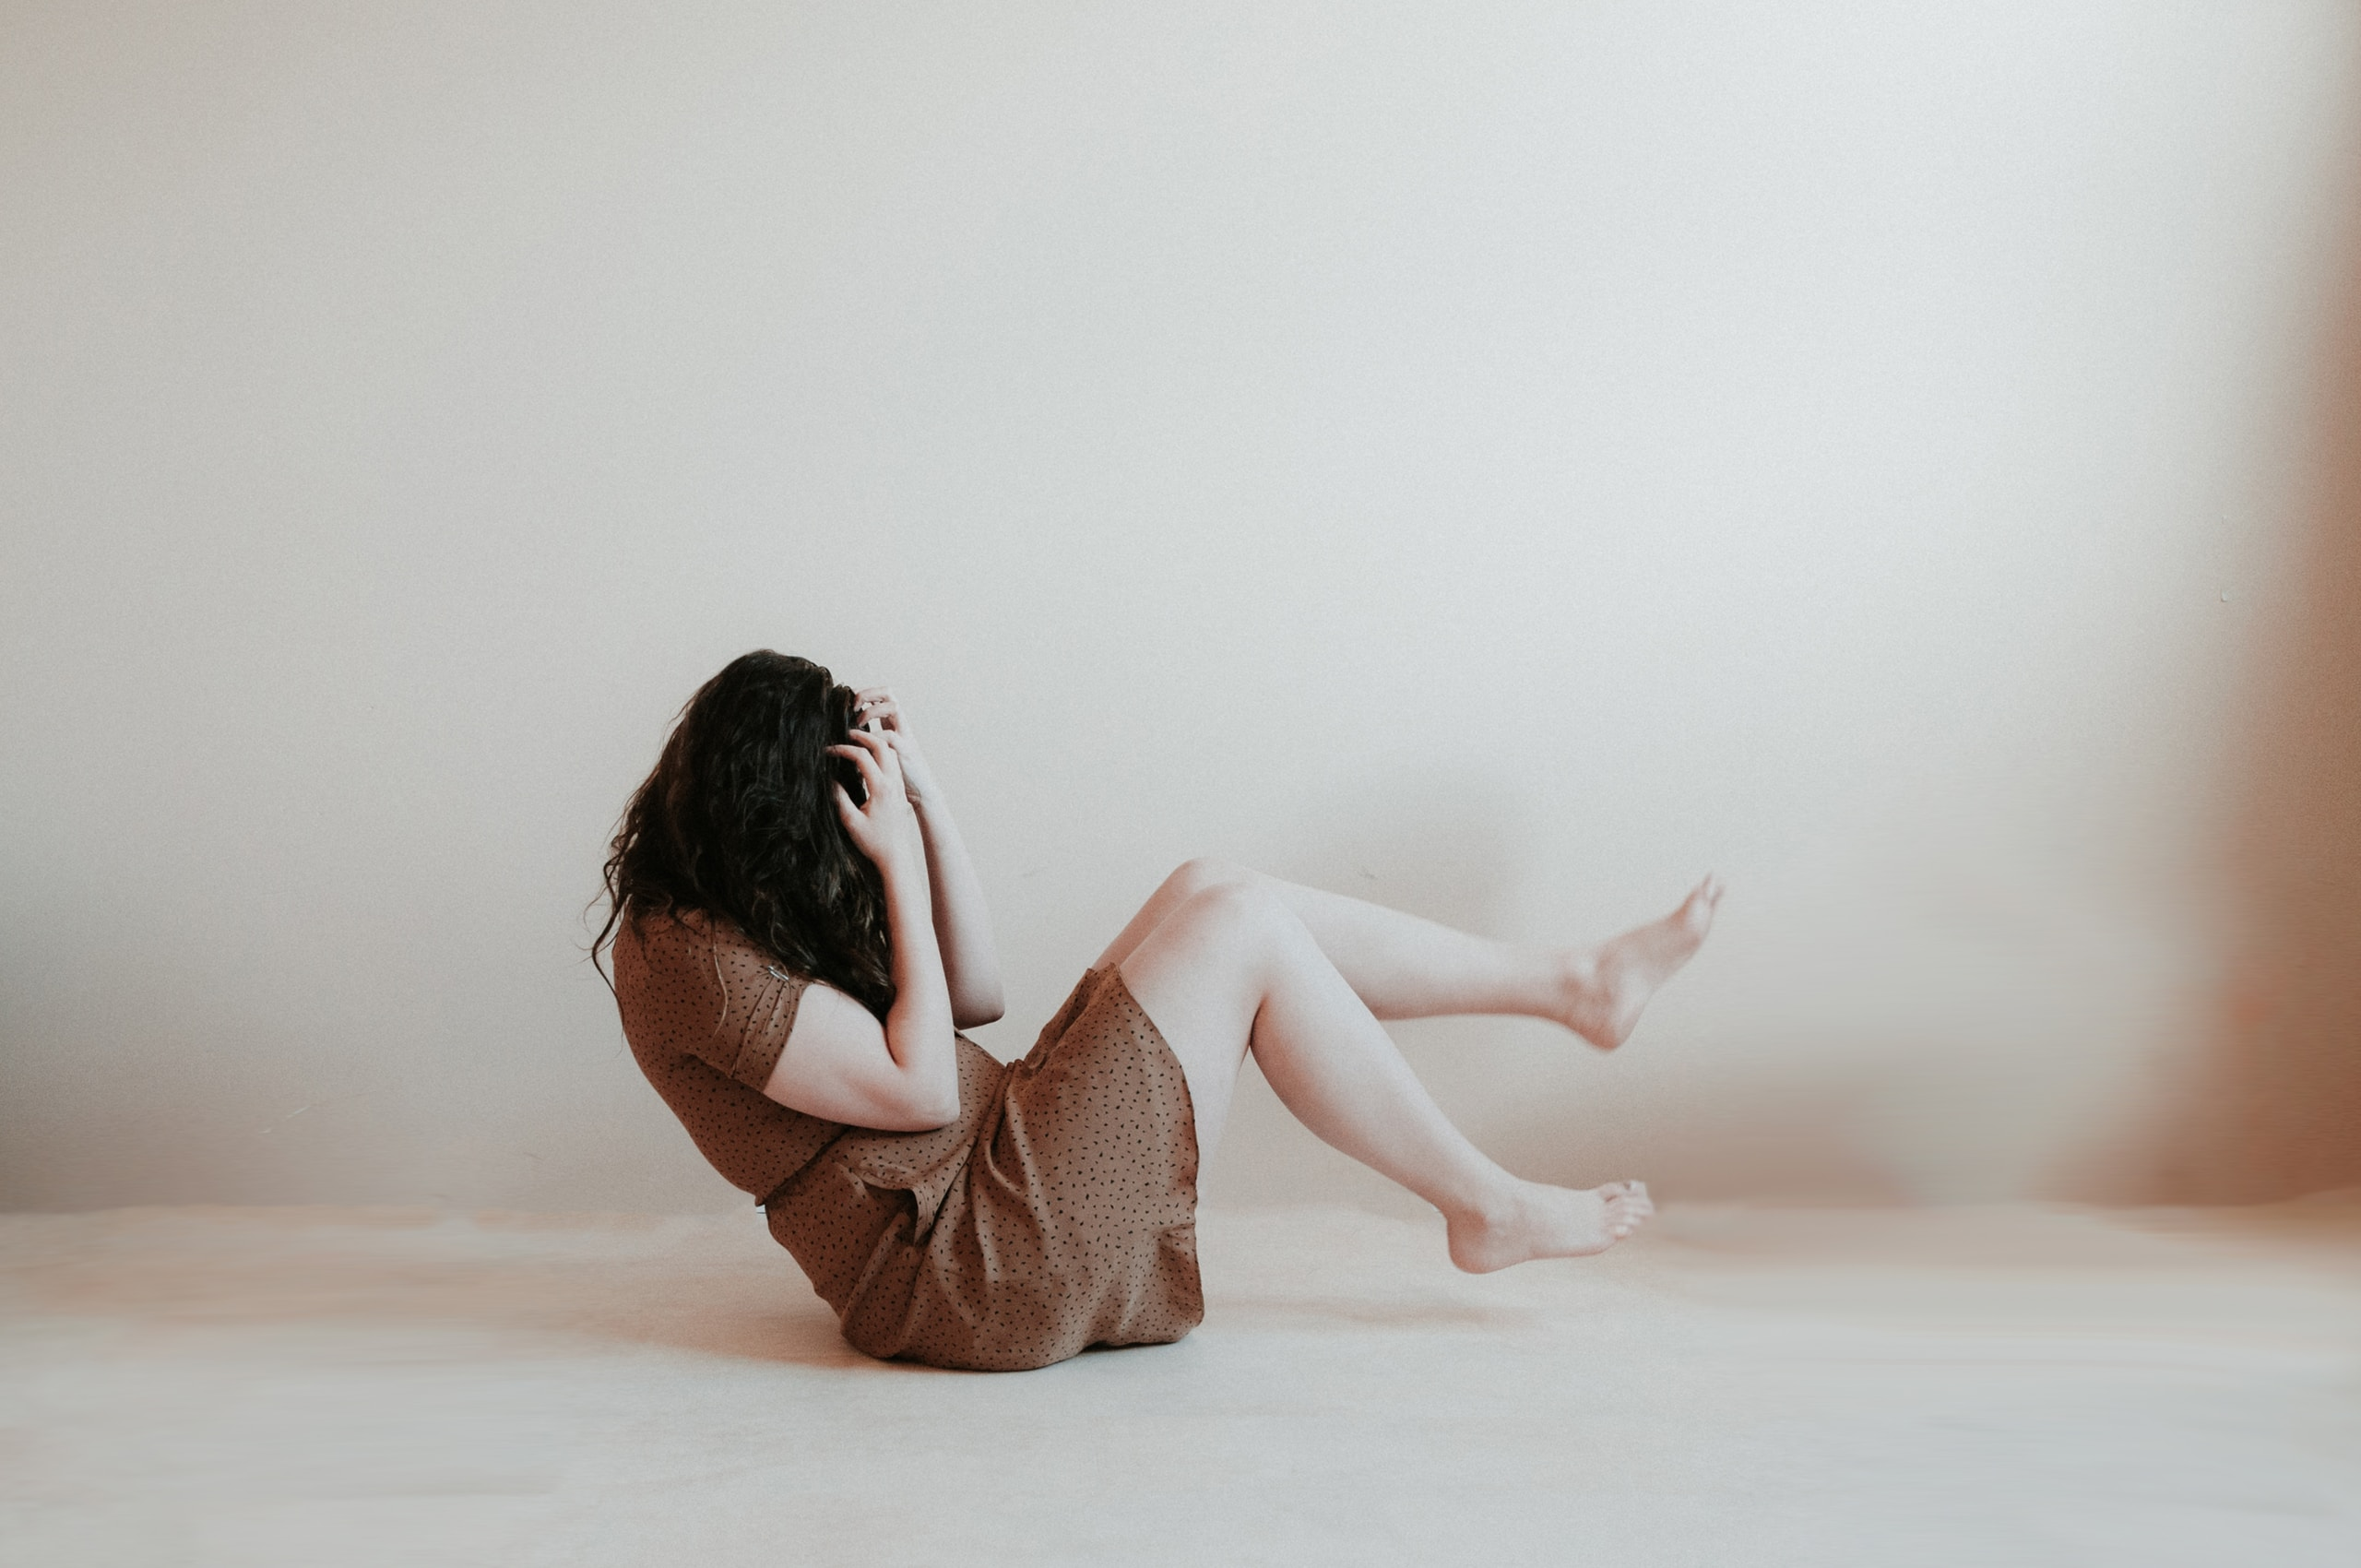 ansiedad, woman sitting on floor wearing brown dress